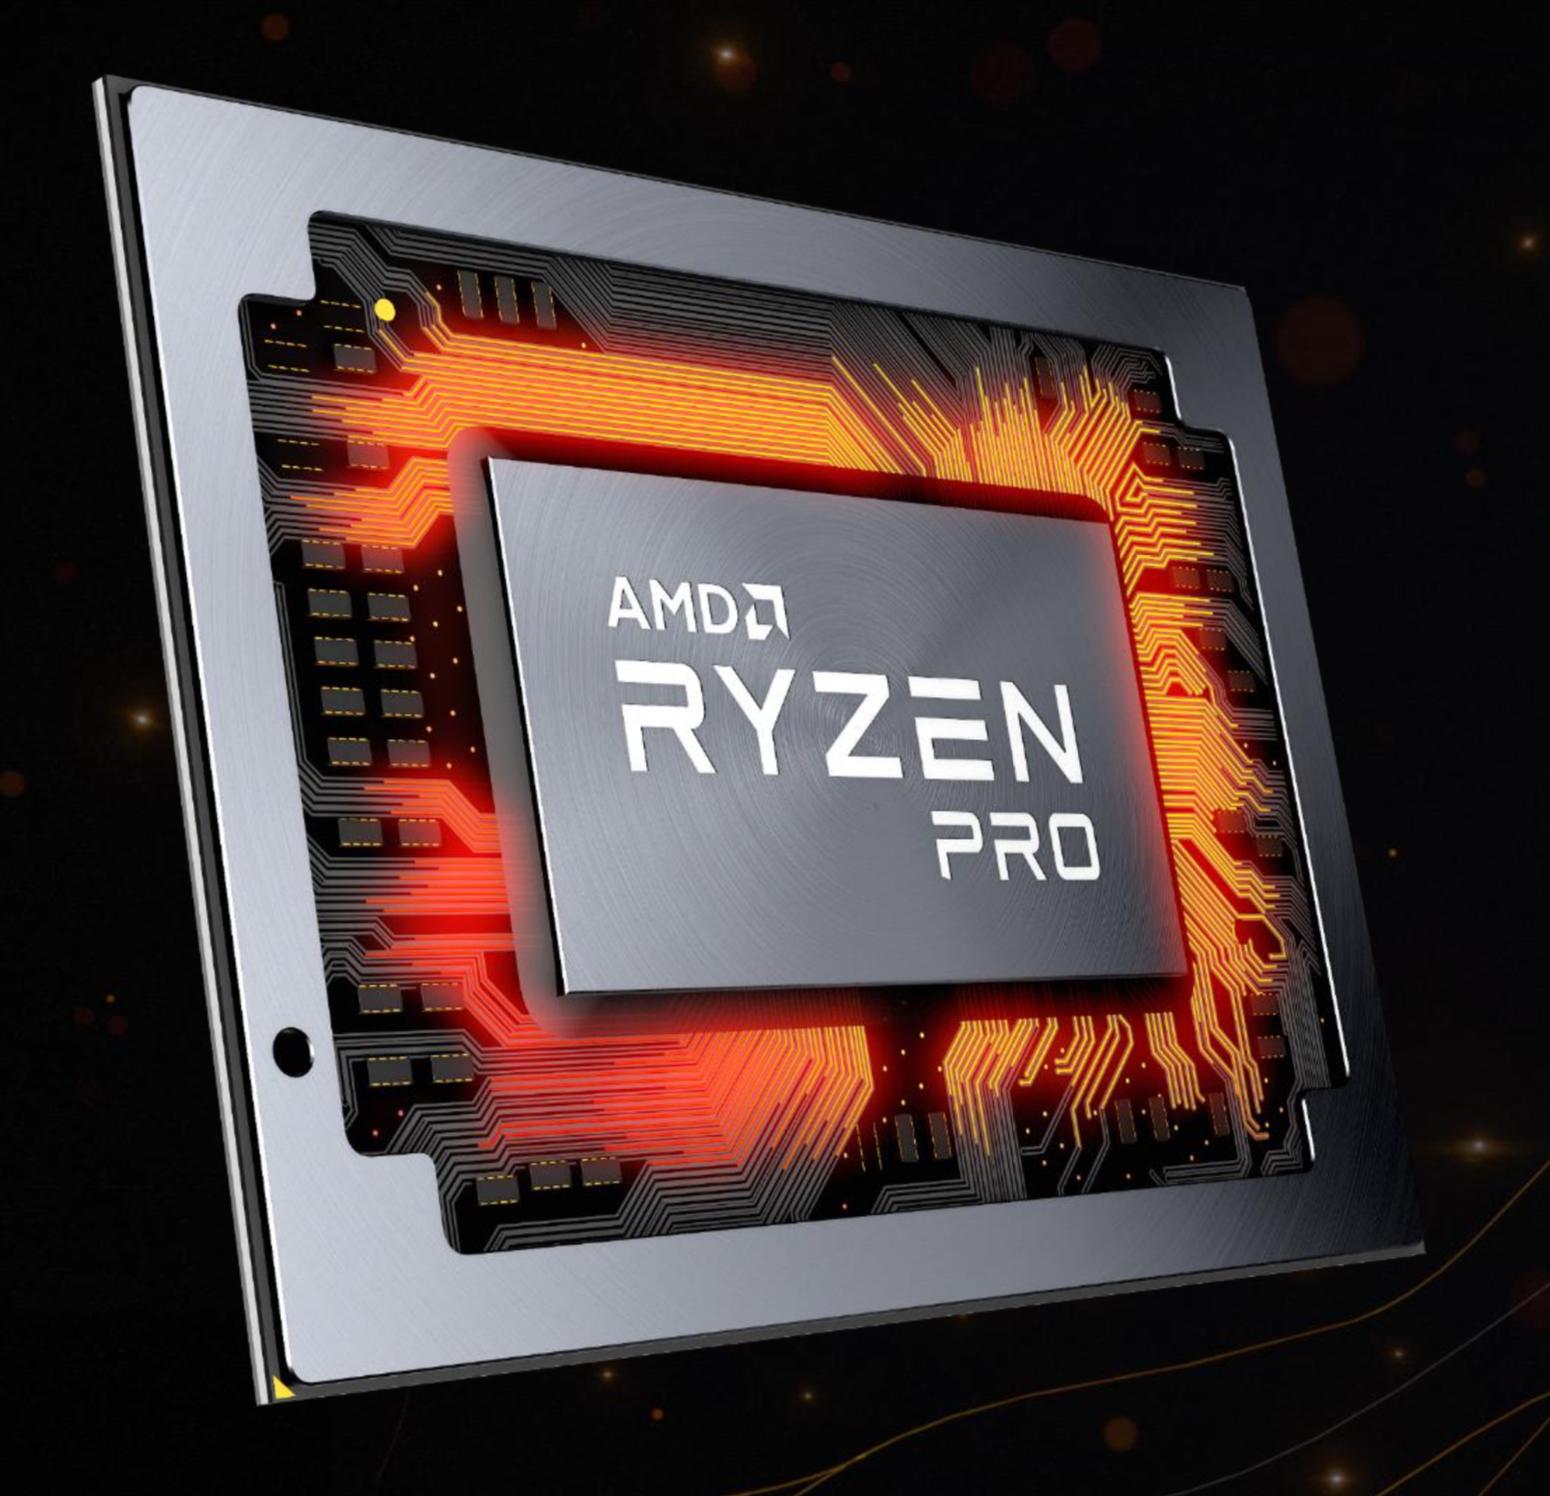 Ryzen Pro Mobile Brings Ryzen To Business Laptops